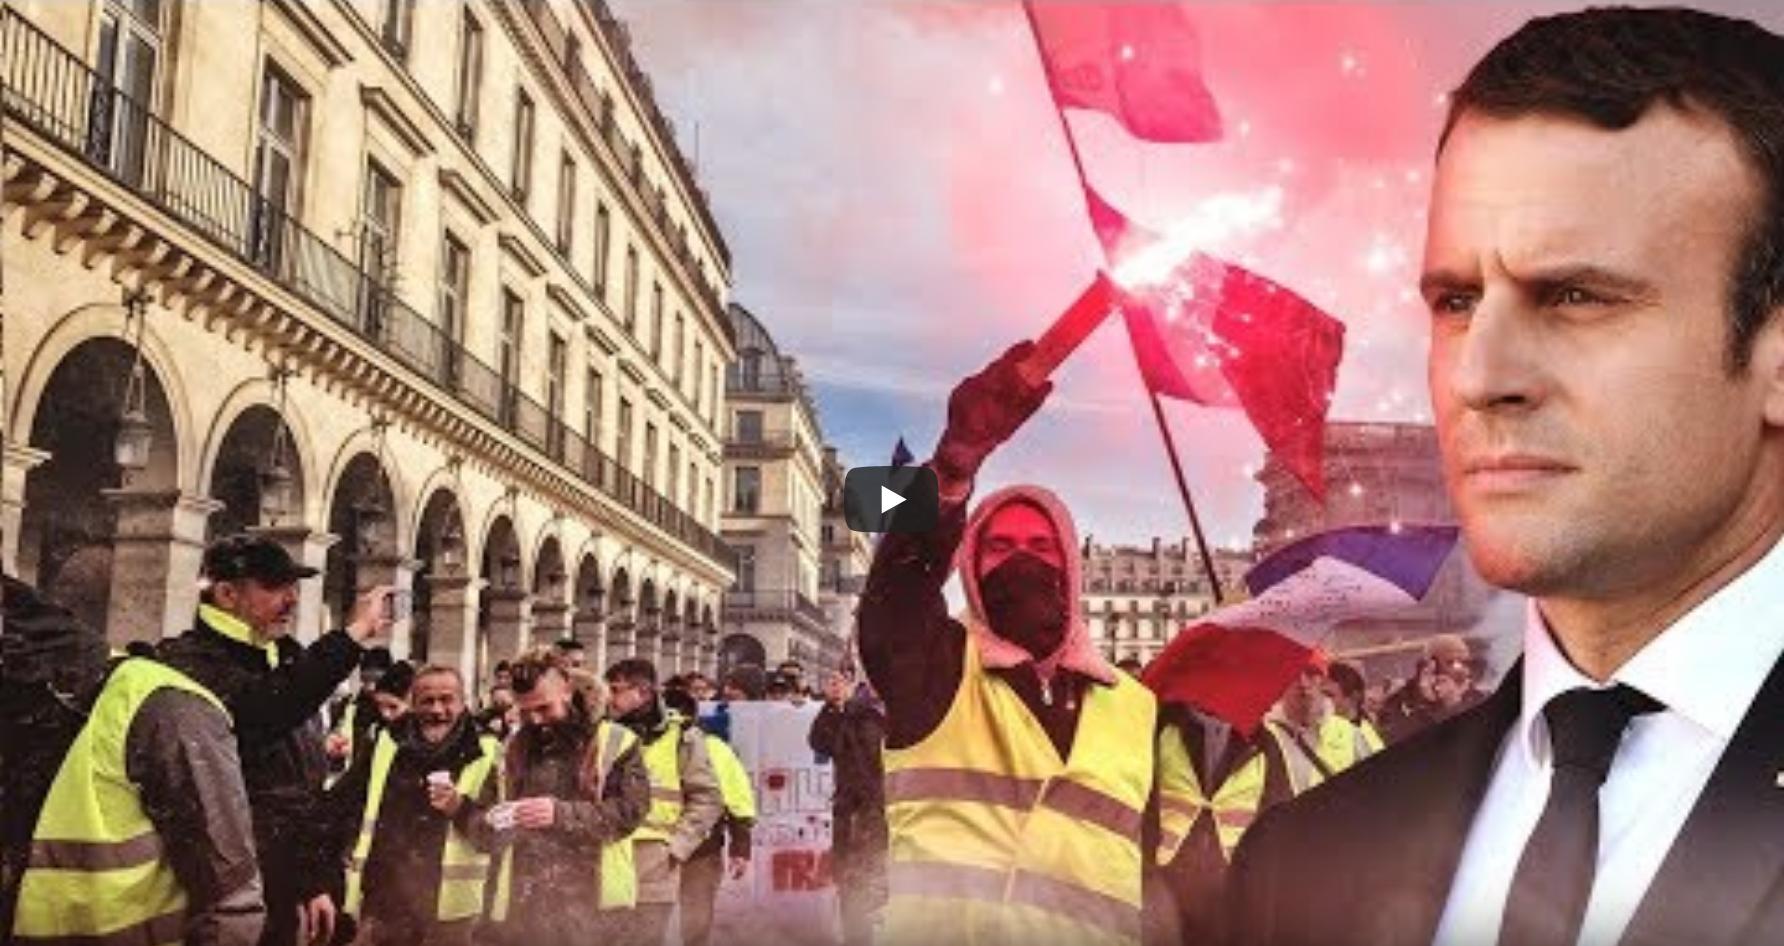 Macron et les Gilets jaunes, l'histoire secrète (DOCUMENTAIRE)